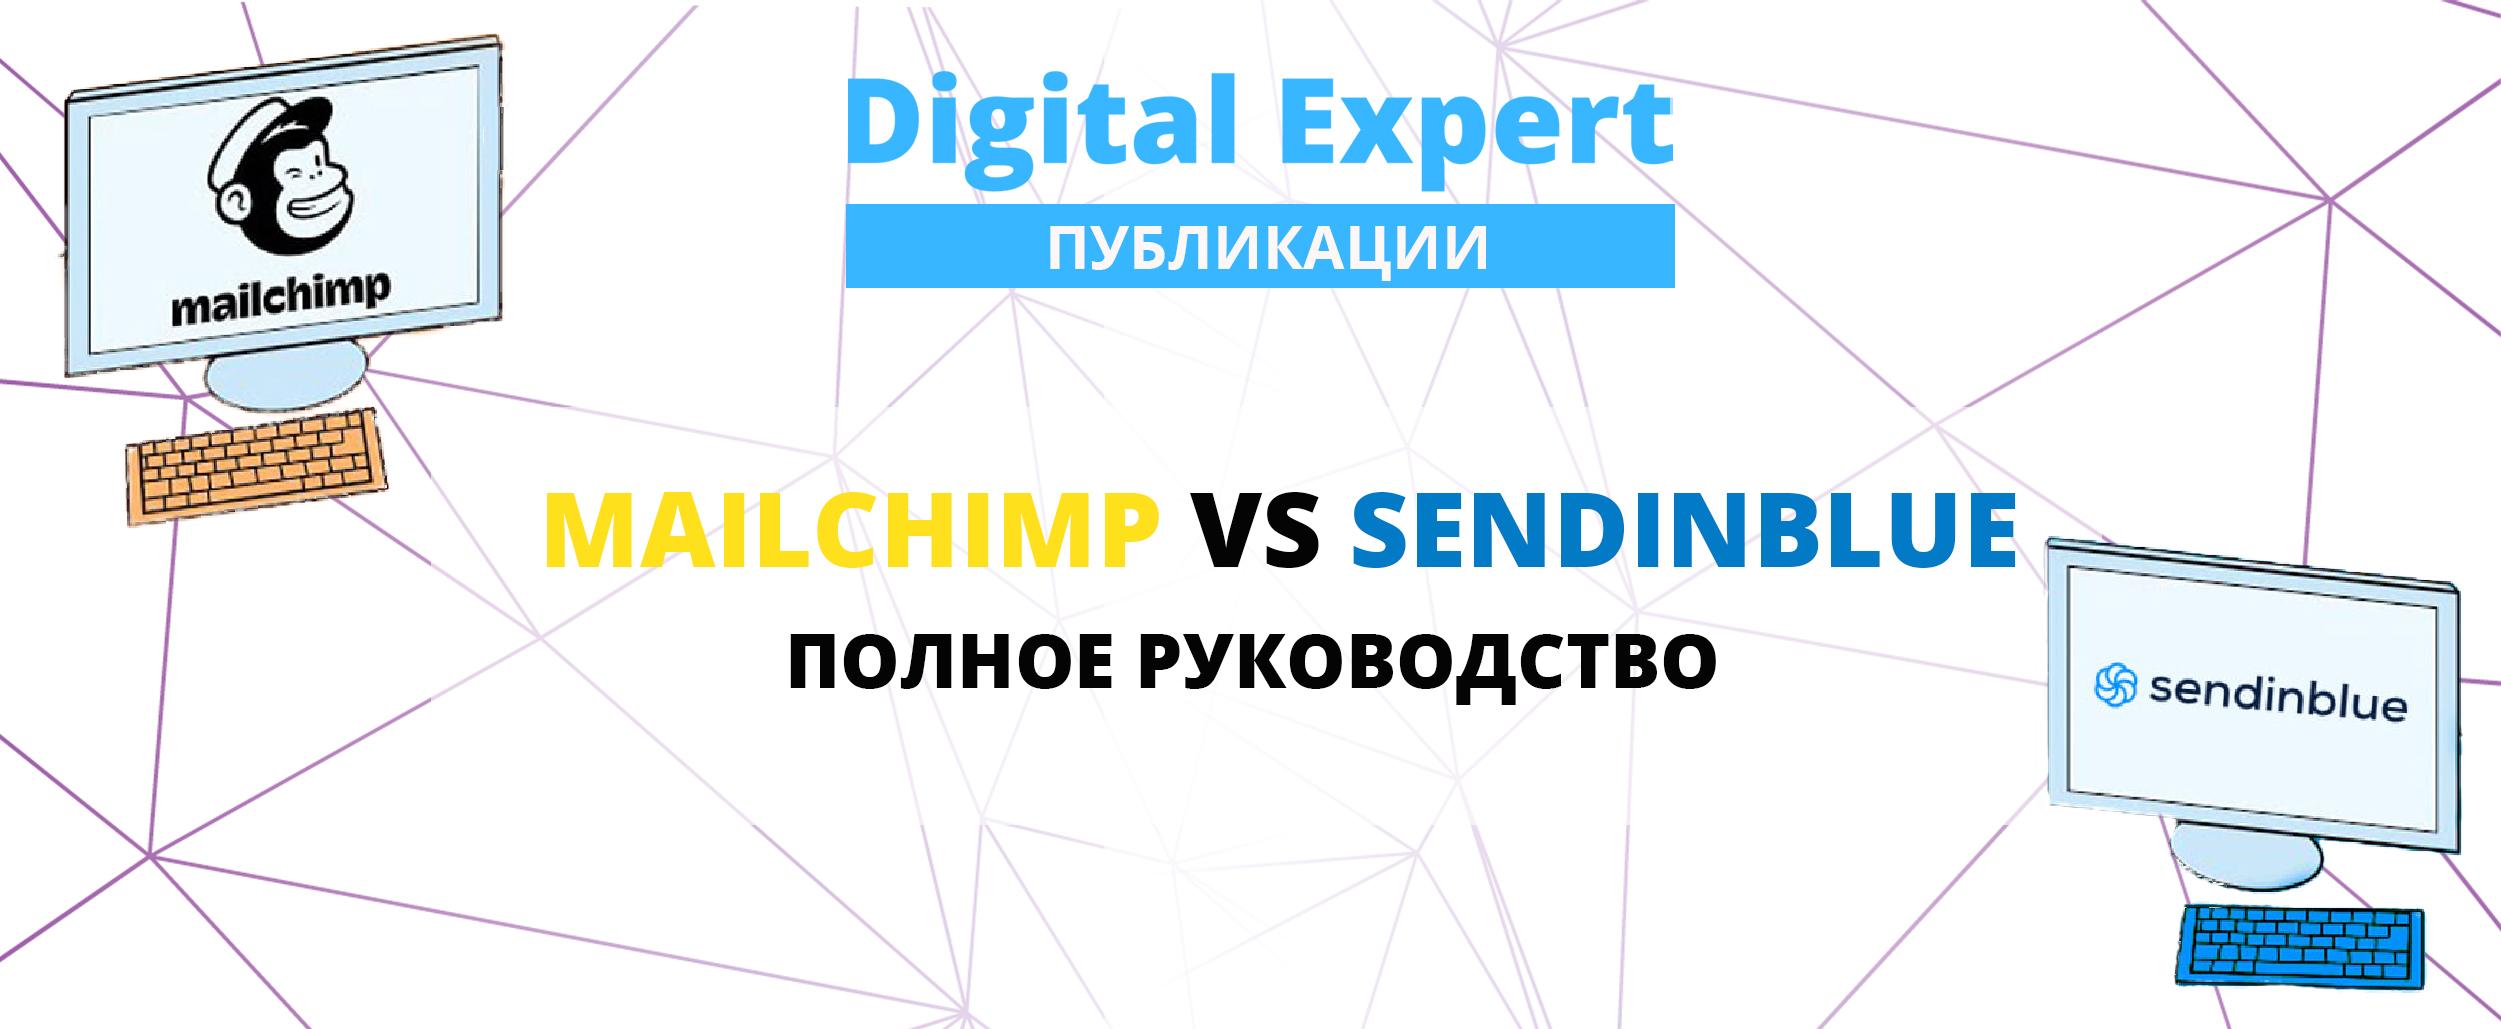 Mailchimp vs Sendinblue: какой сервис электронной почты является лучшим в 2021 году?